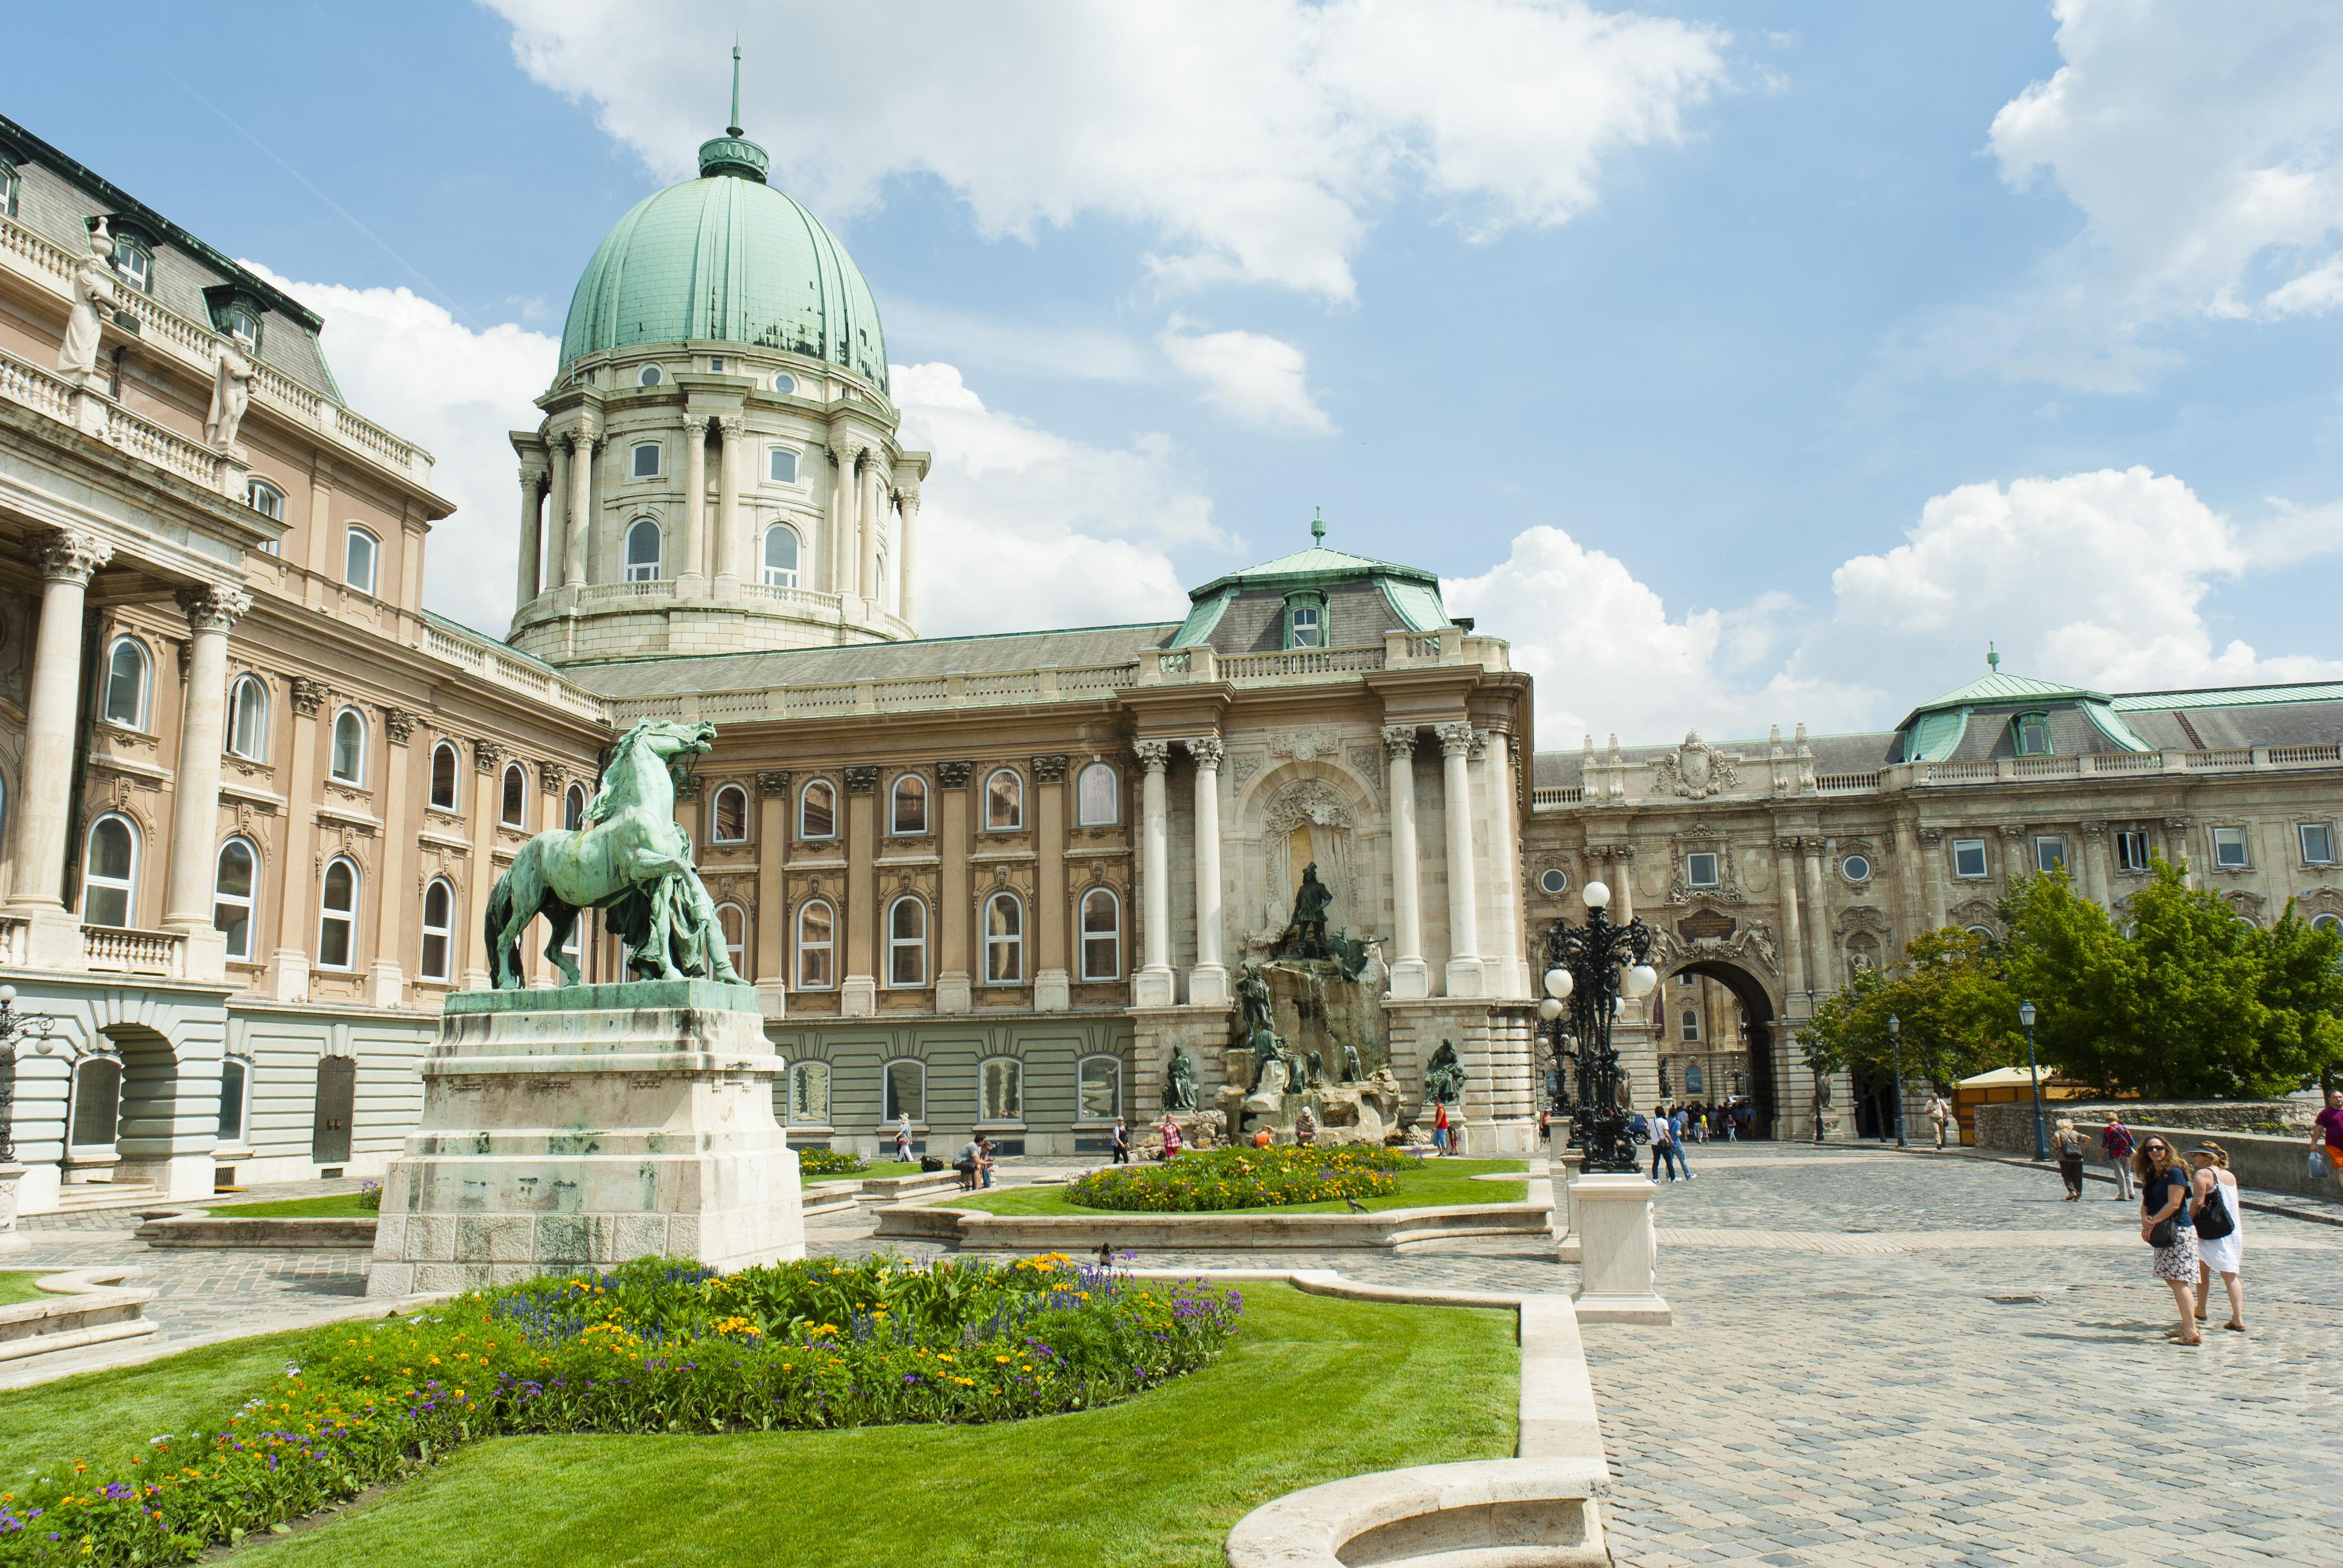 El Castillo de Buda, la fortificación centenaria que se eleva sobre el Danubio - Hungría Circuito Budapest y Praga